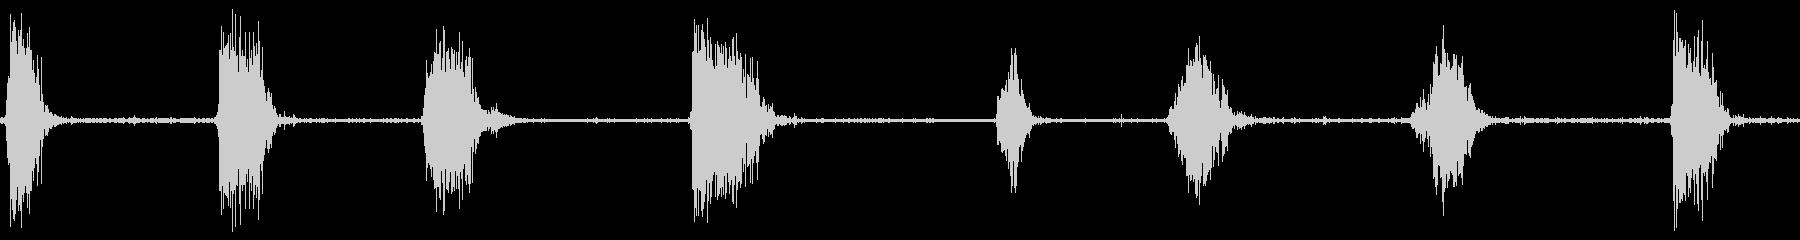 トーチで吹く、マルチソースキューx8の未再生の波形